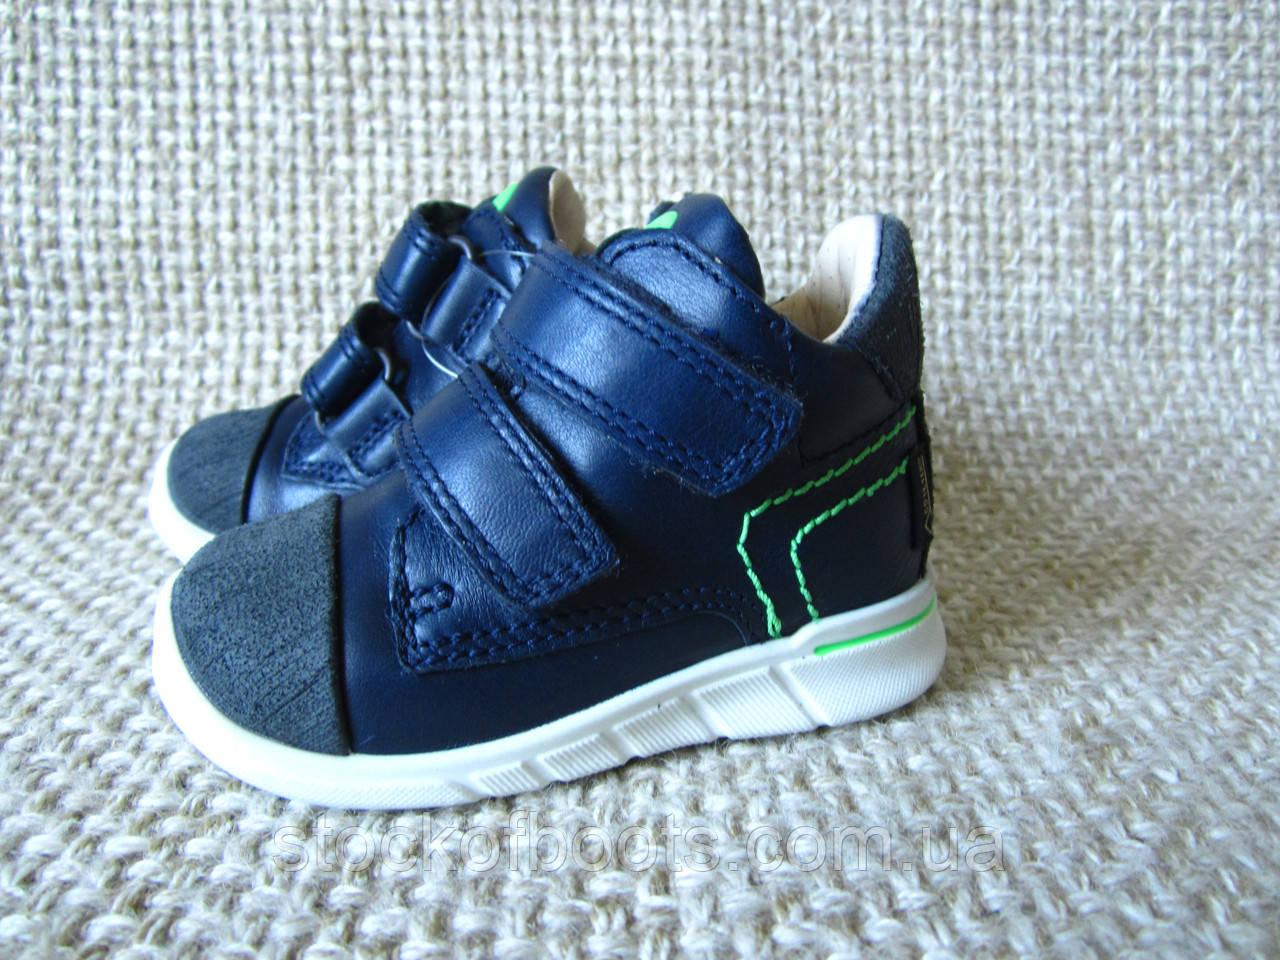 Пінетки кросівки черевички для хлопчика шкіряні ecco first gore-tex 754161  розмір 19 ab44e13c12d39